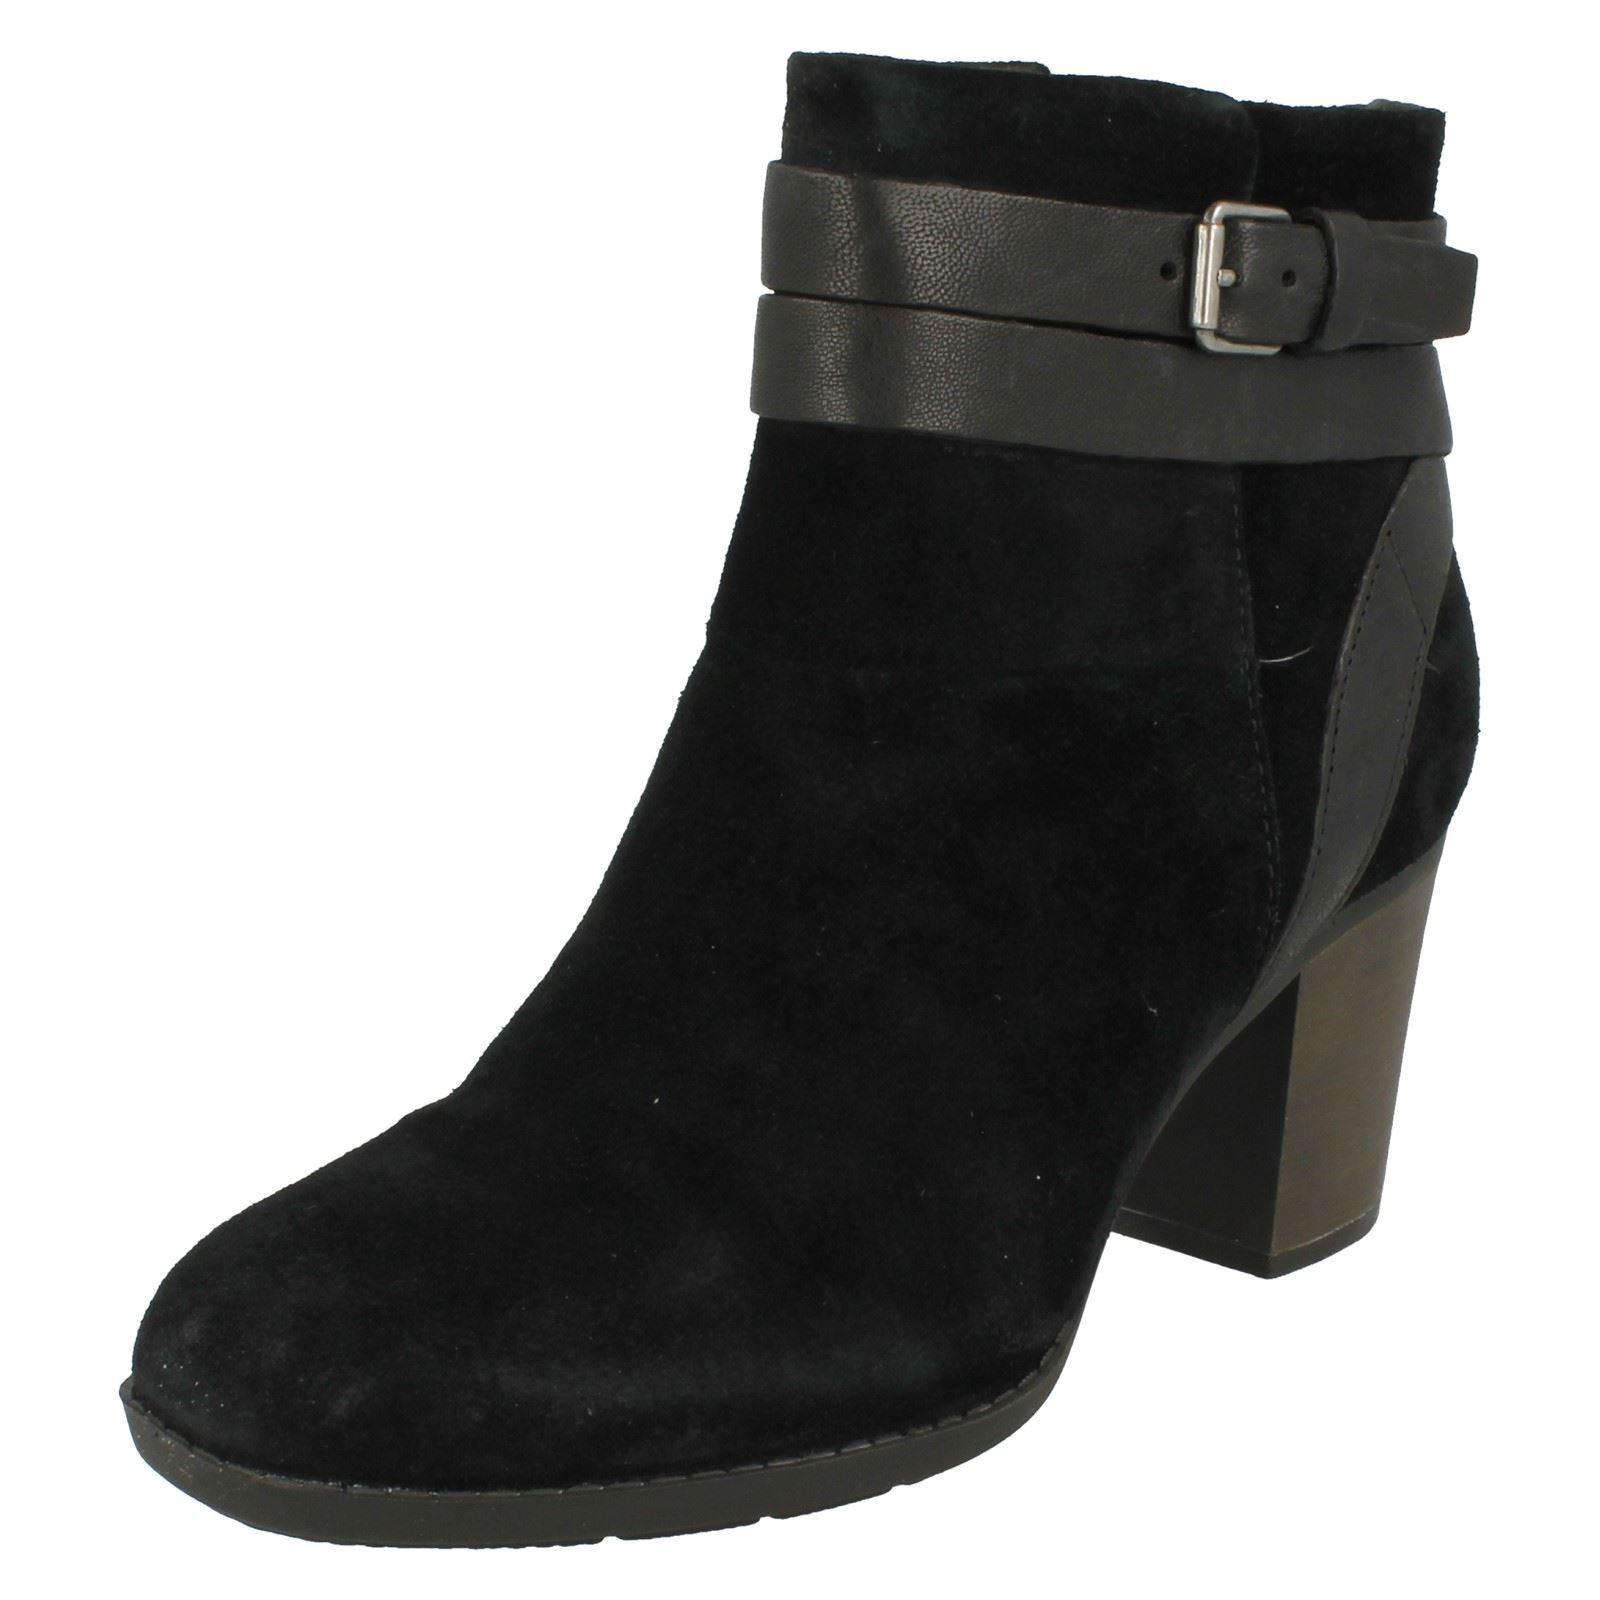 Damas Clarks Enfield Río Negro de de de Cuero de Gamuza Informal botas al Tobillo Tacón Alto  venta con descuento